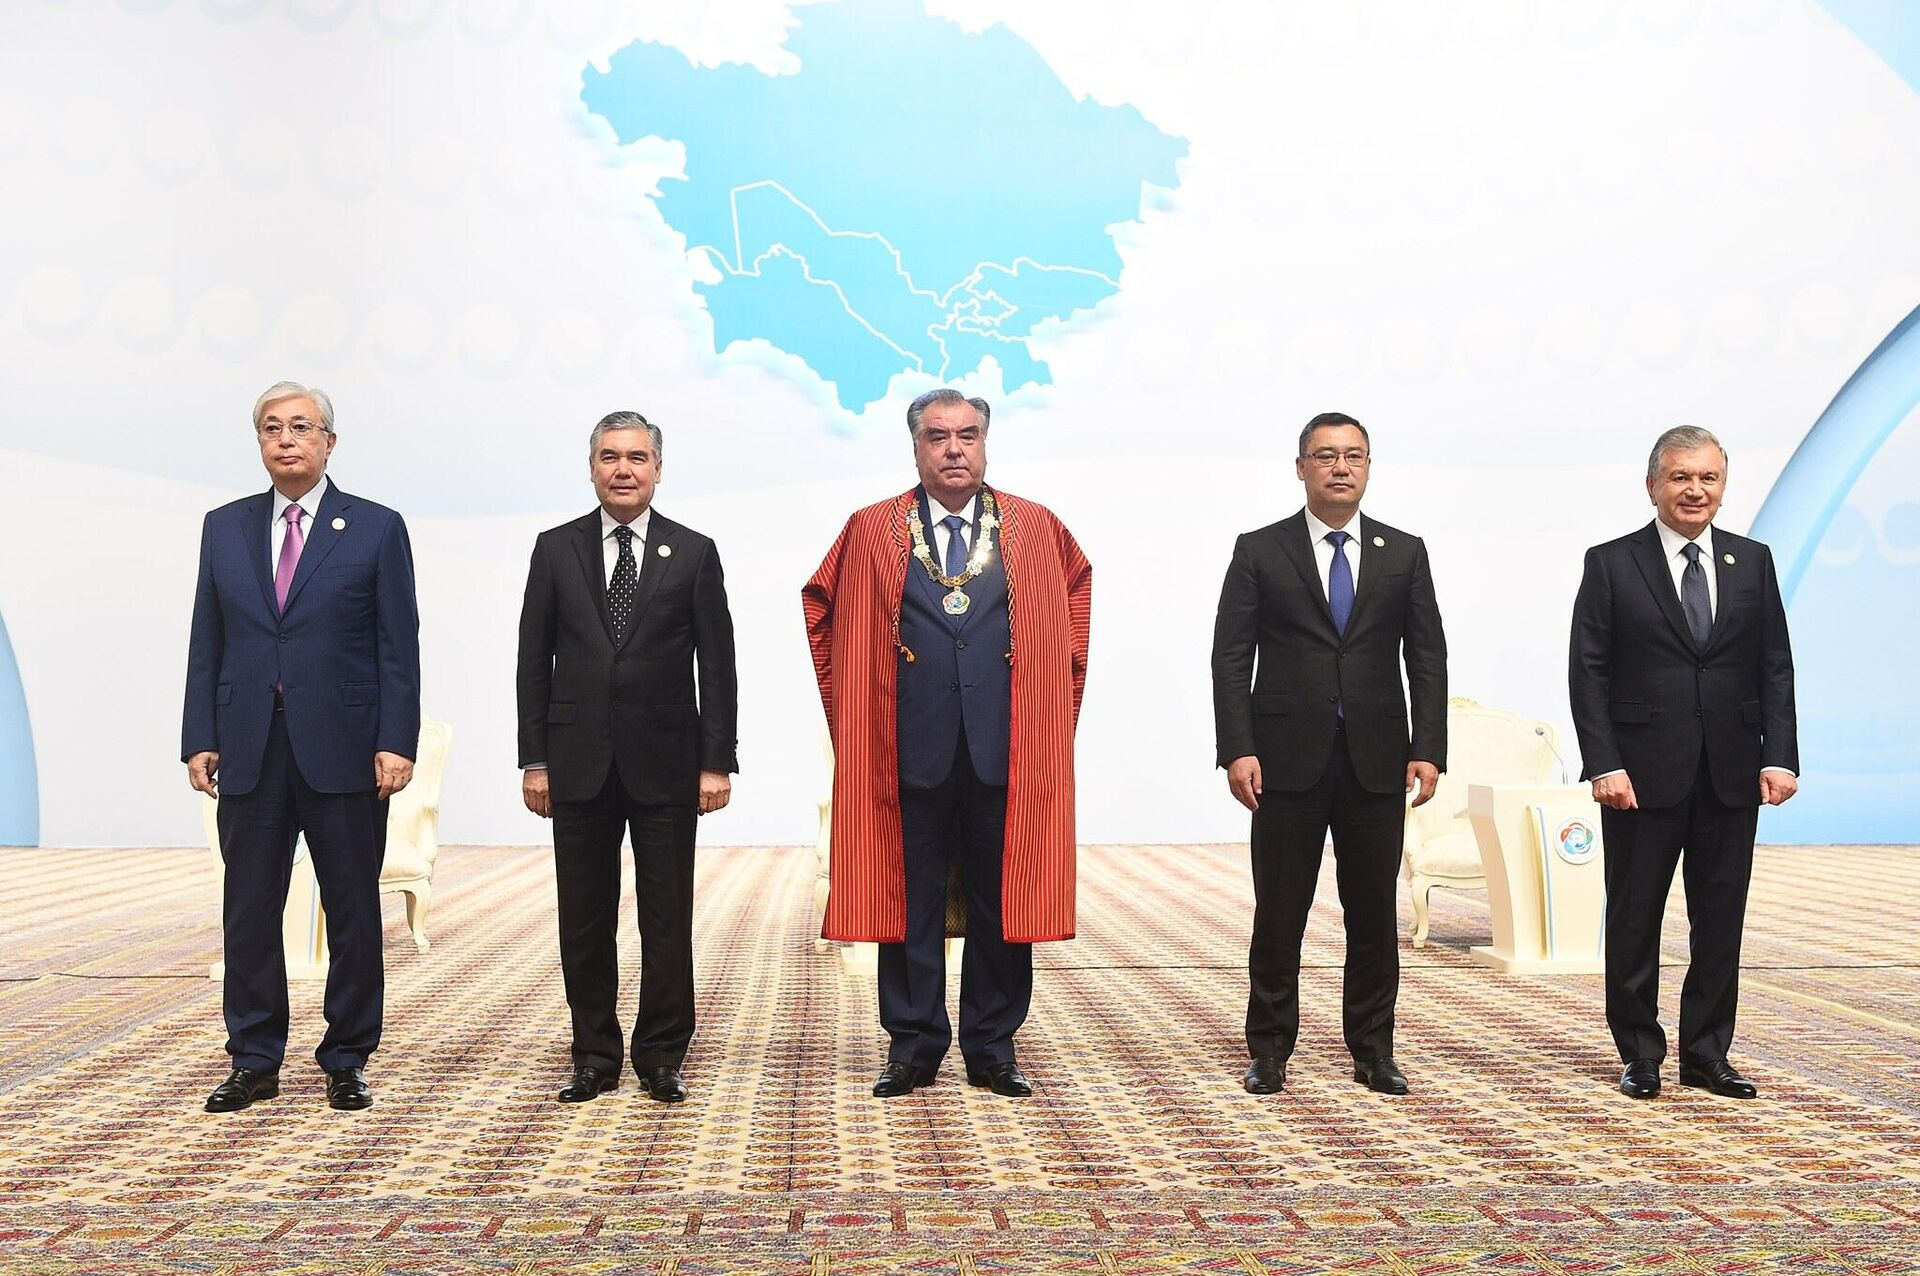 Почетная медаль глав государств Центральной Азии была вручена Президенту Республики Таджикистан Эмомали Рахмону - Sputnik Таджикистан, 1920, 06.08.2021